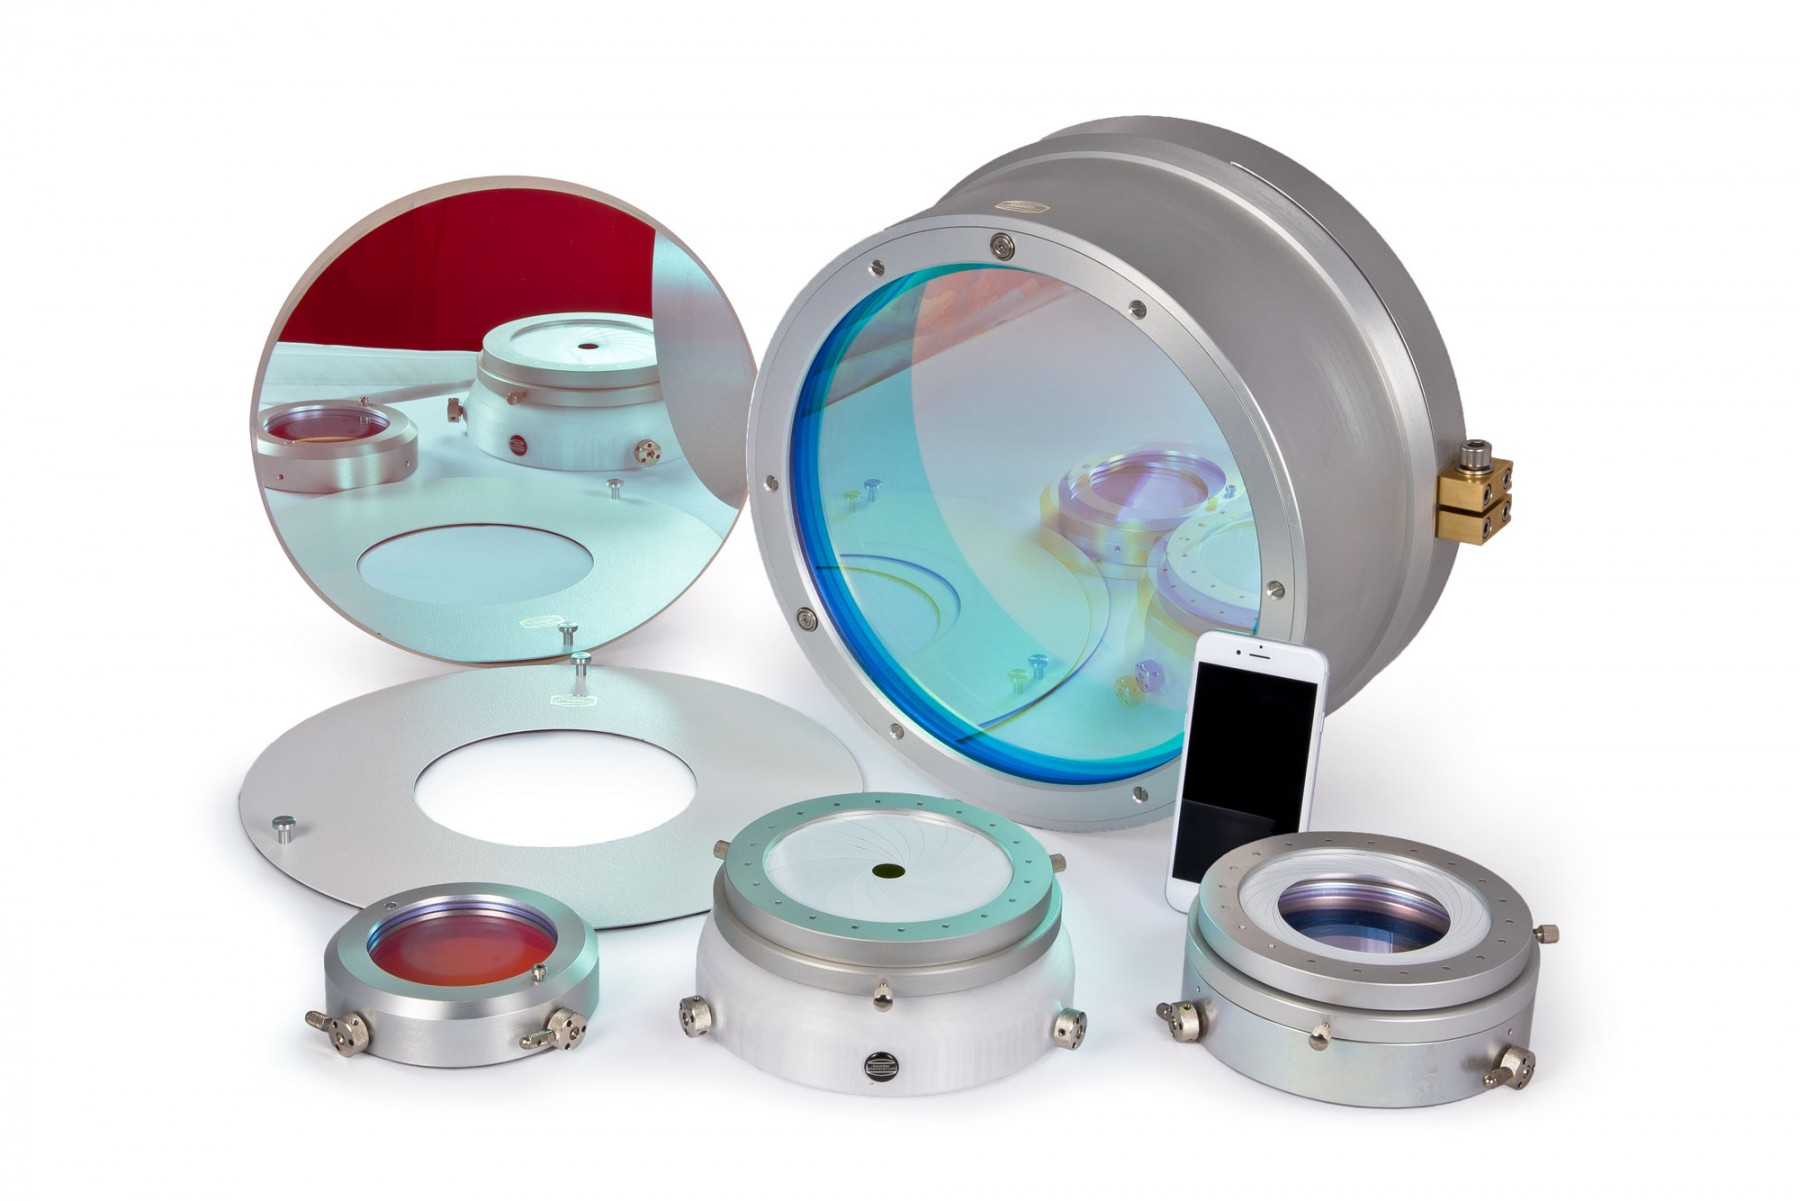 Anwendungsbild: D-ERF Filter in verschiedenen Größen. Erforderlich für den Einsatz von SolarSpectrum H-alpha Filtern